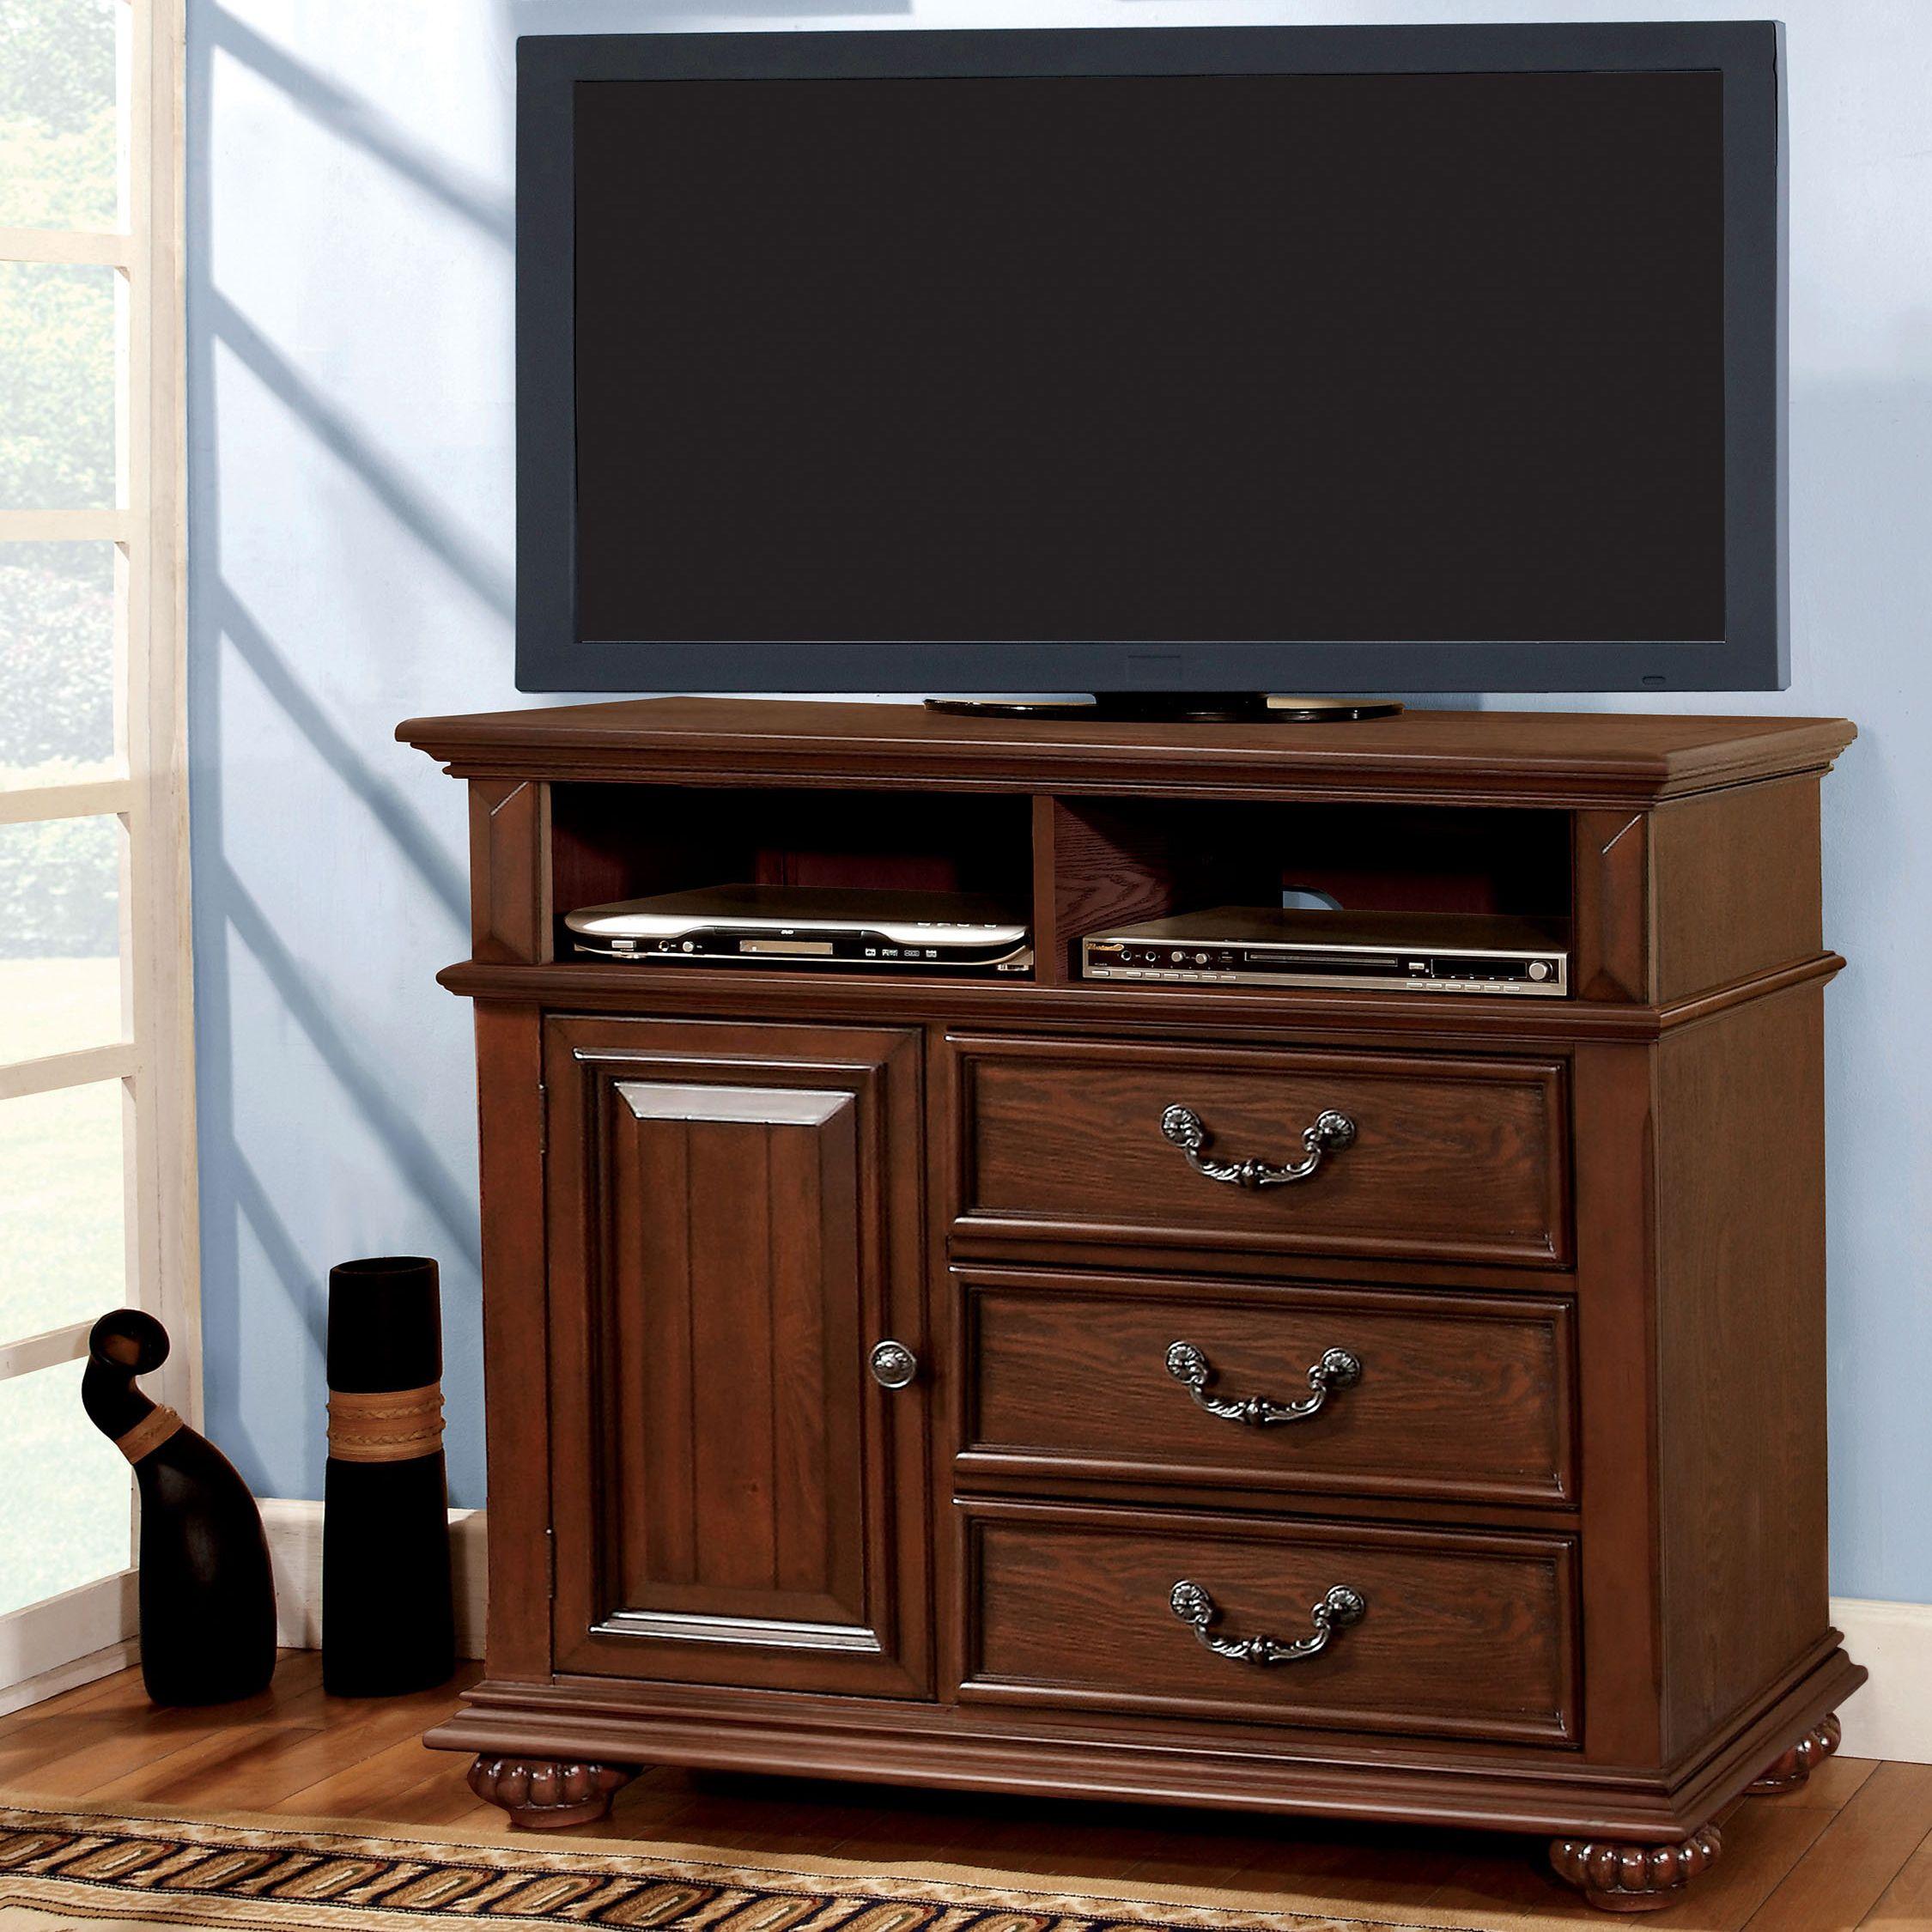 Furniture of america barath antique dark oak brown media chest